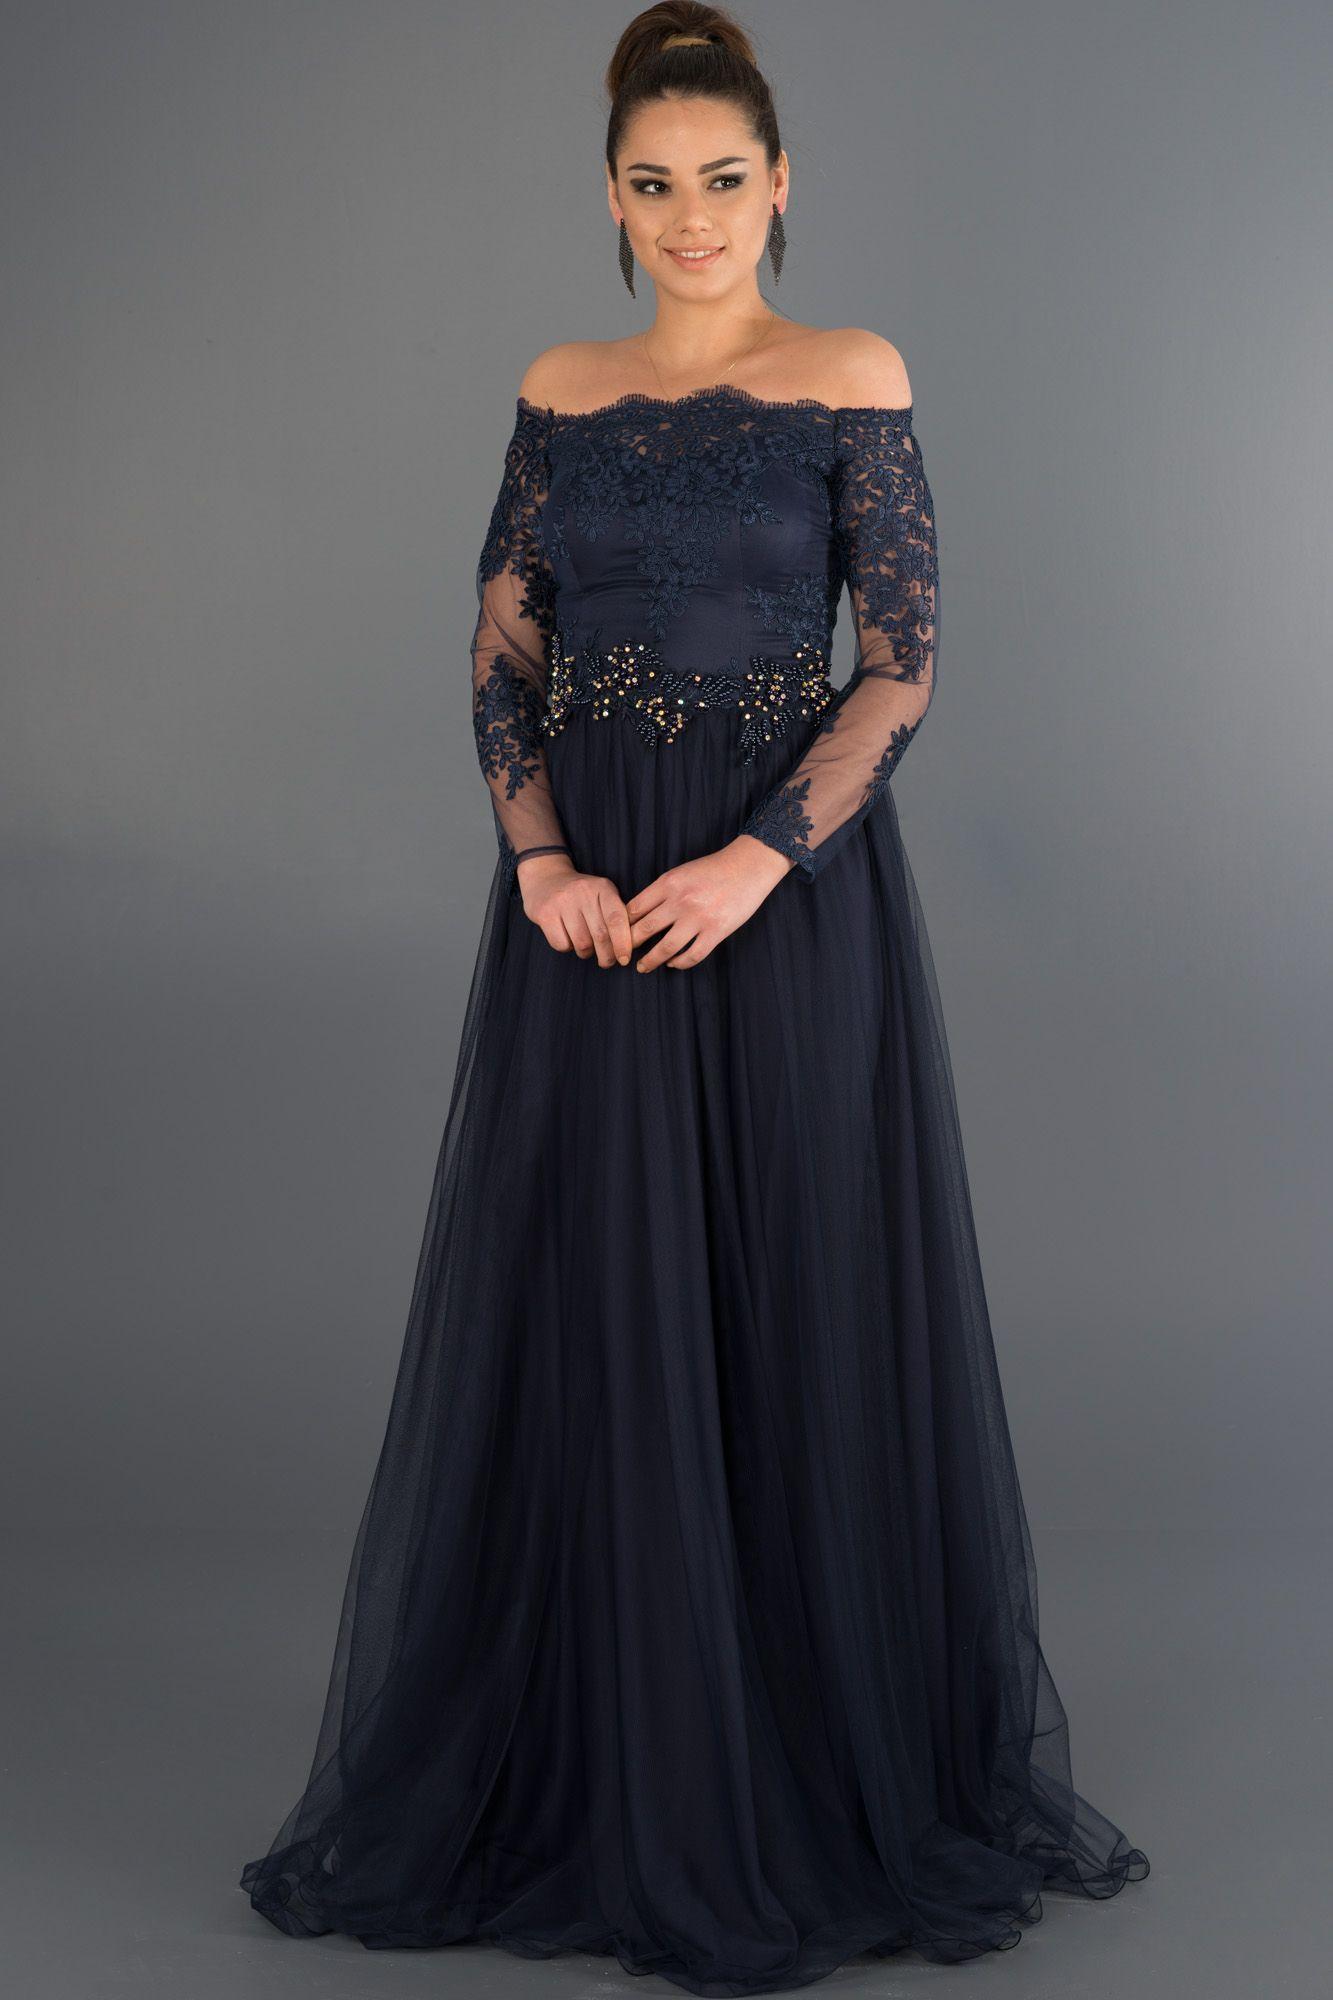 Lacivert Dantelli Uzun Kollu Abiye Abu019 Aksam Elbiseleri Aksamustu Giysileri The Dress